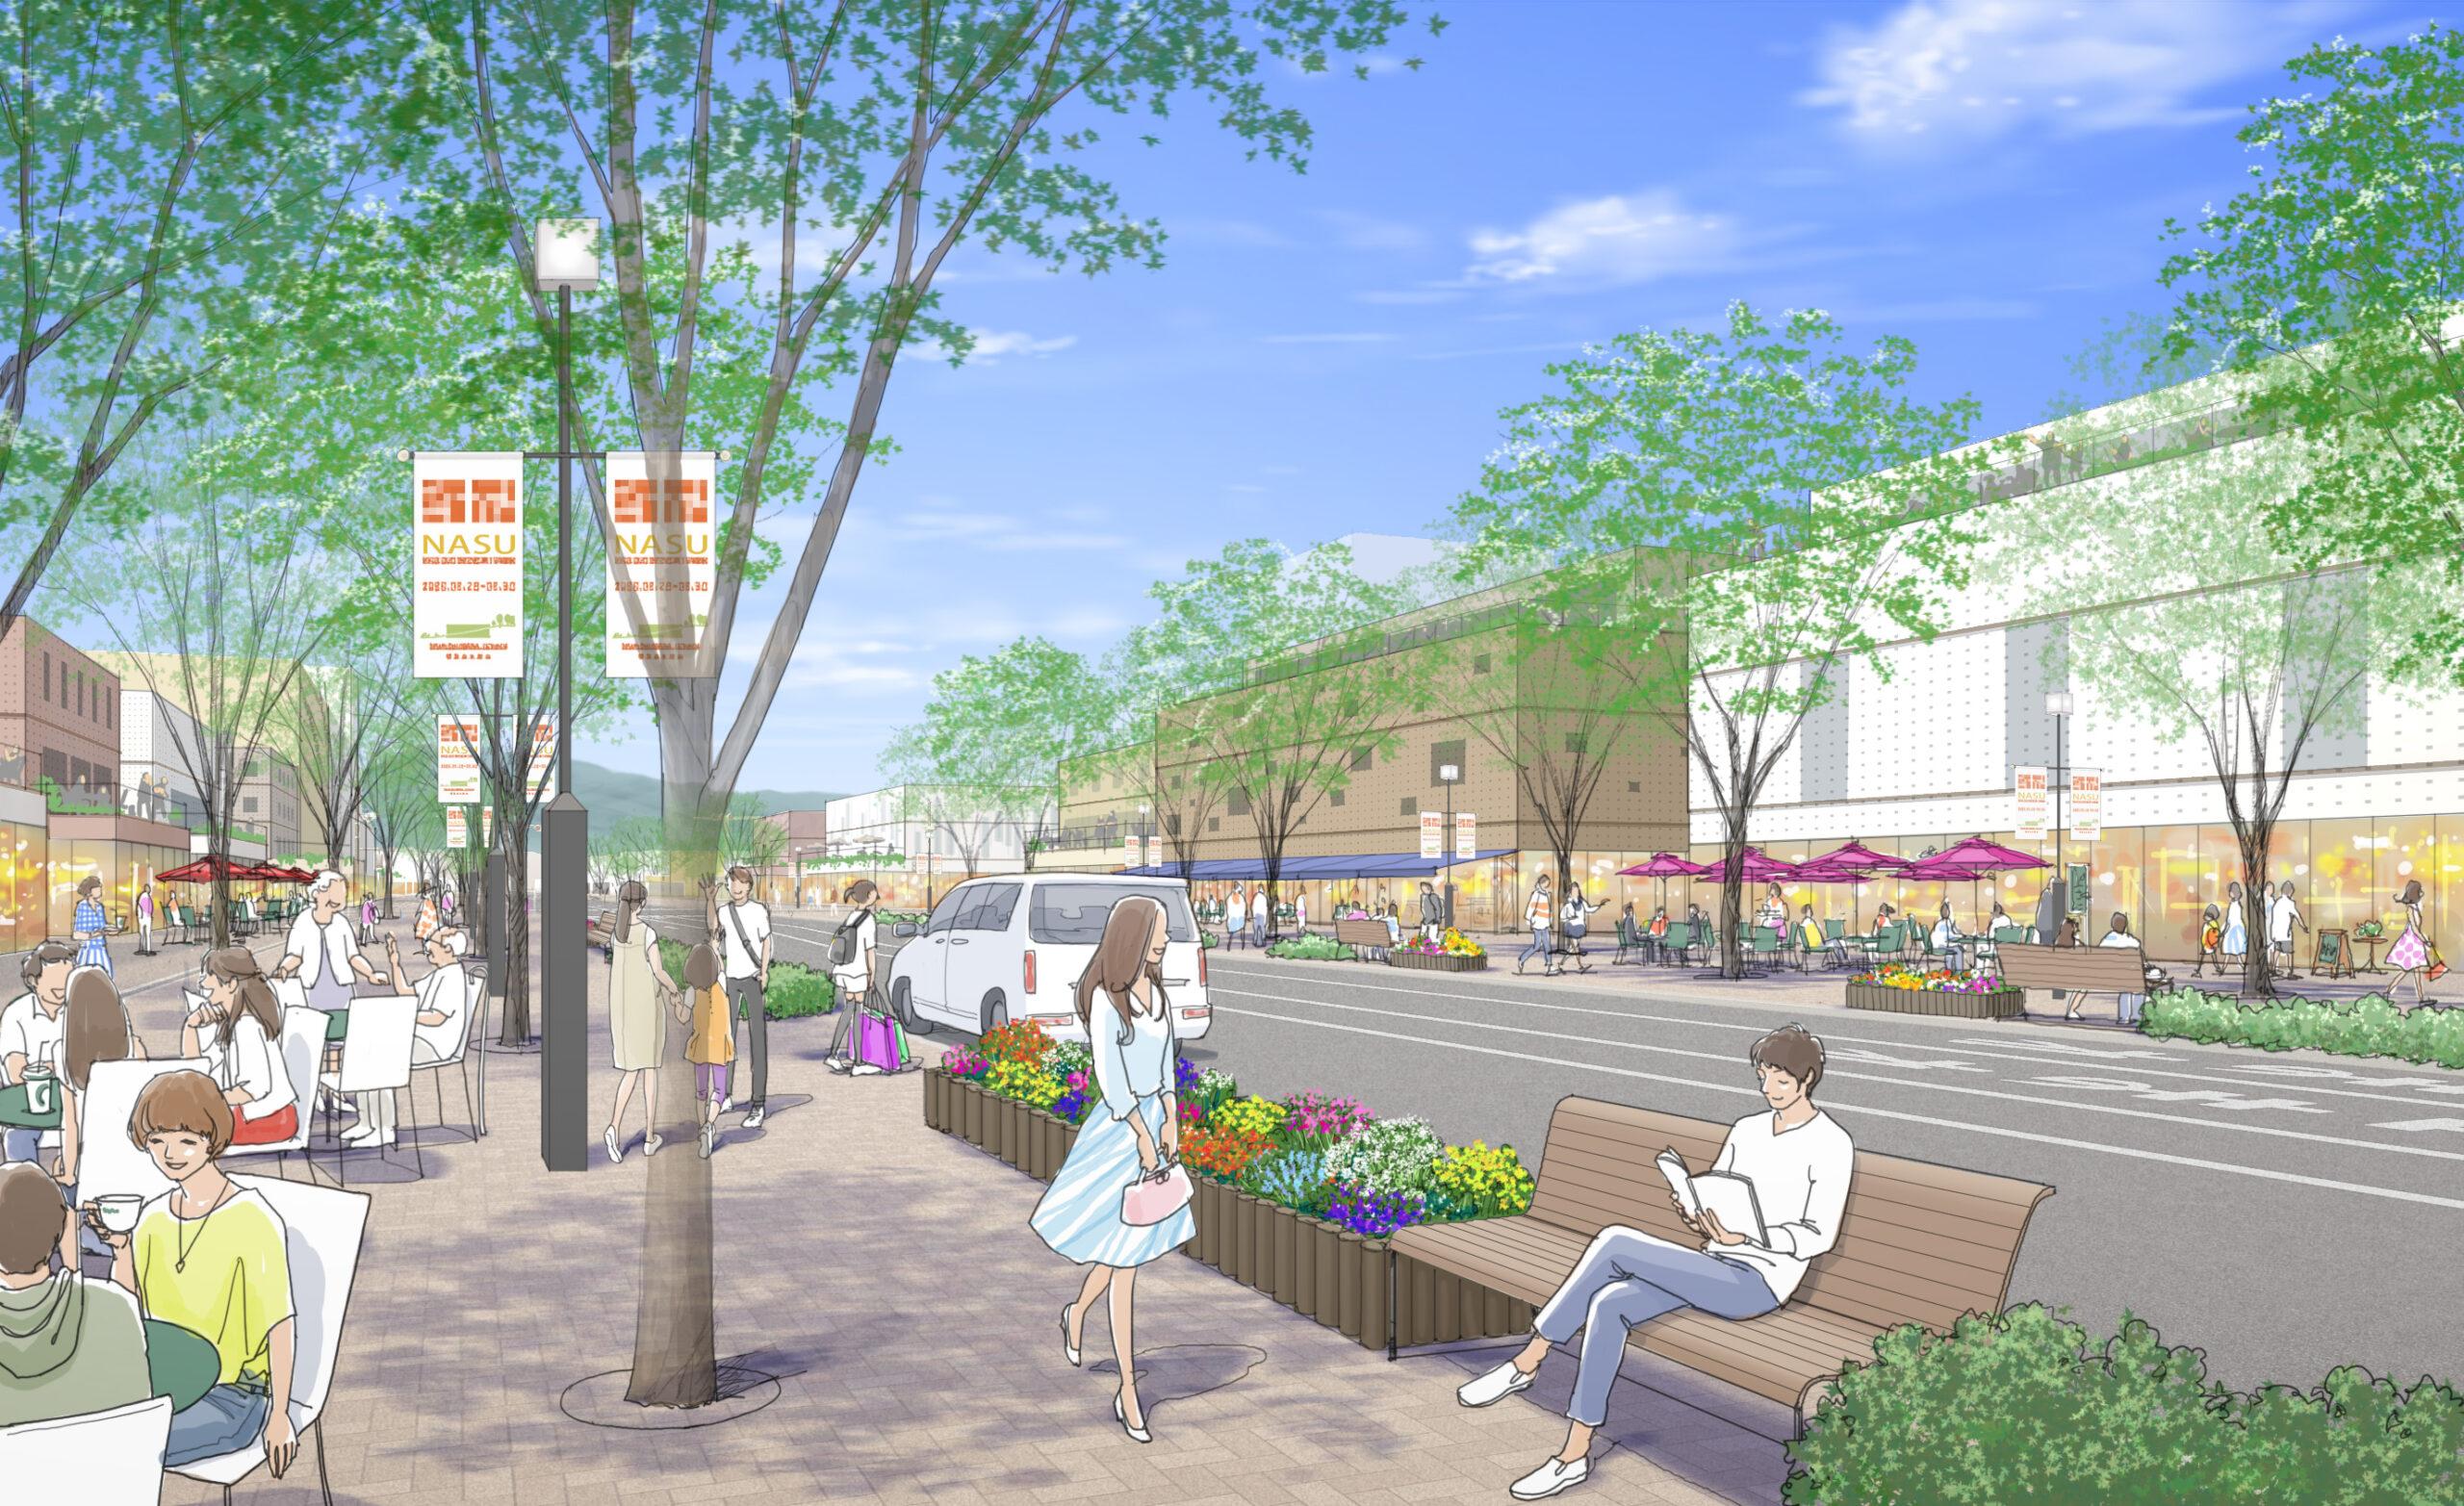 計画・整備から管理運営まで、連続したマネジメントによる<br>新たな中心市街地の創生